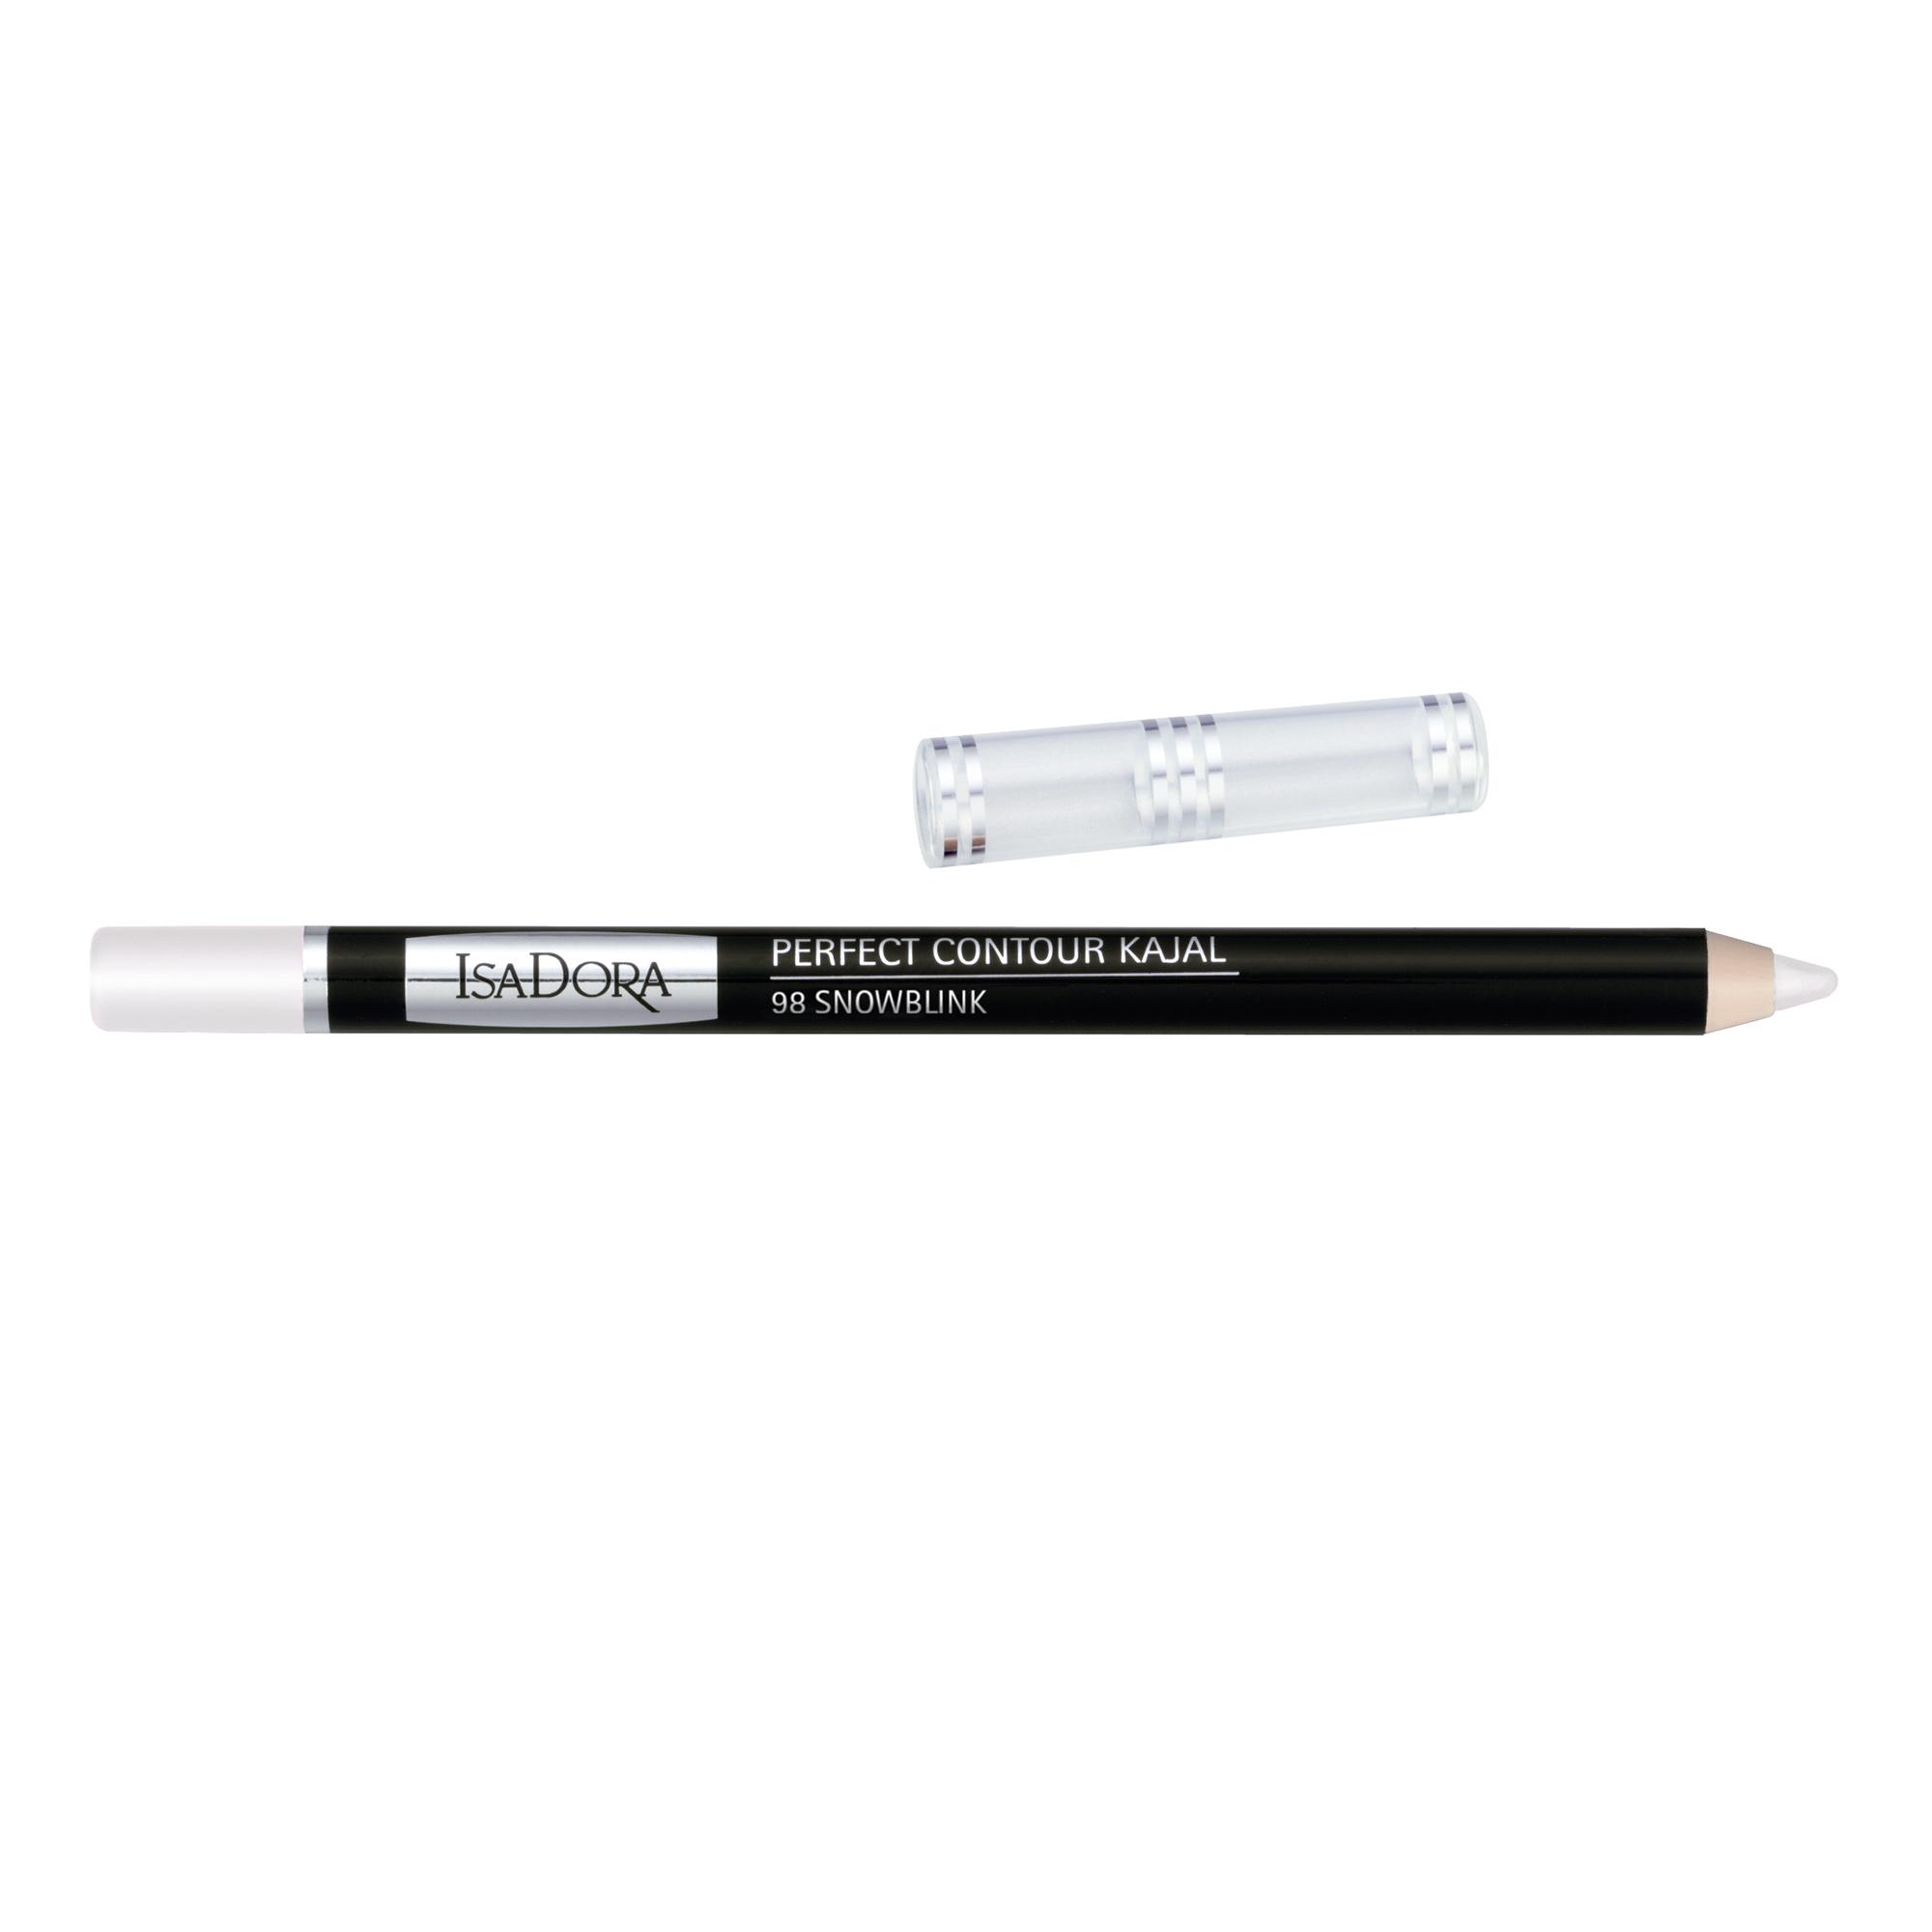 Perfect Contour Eye Pencil